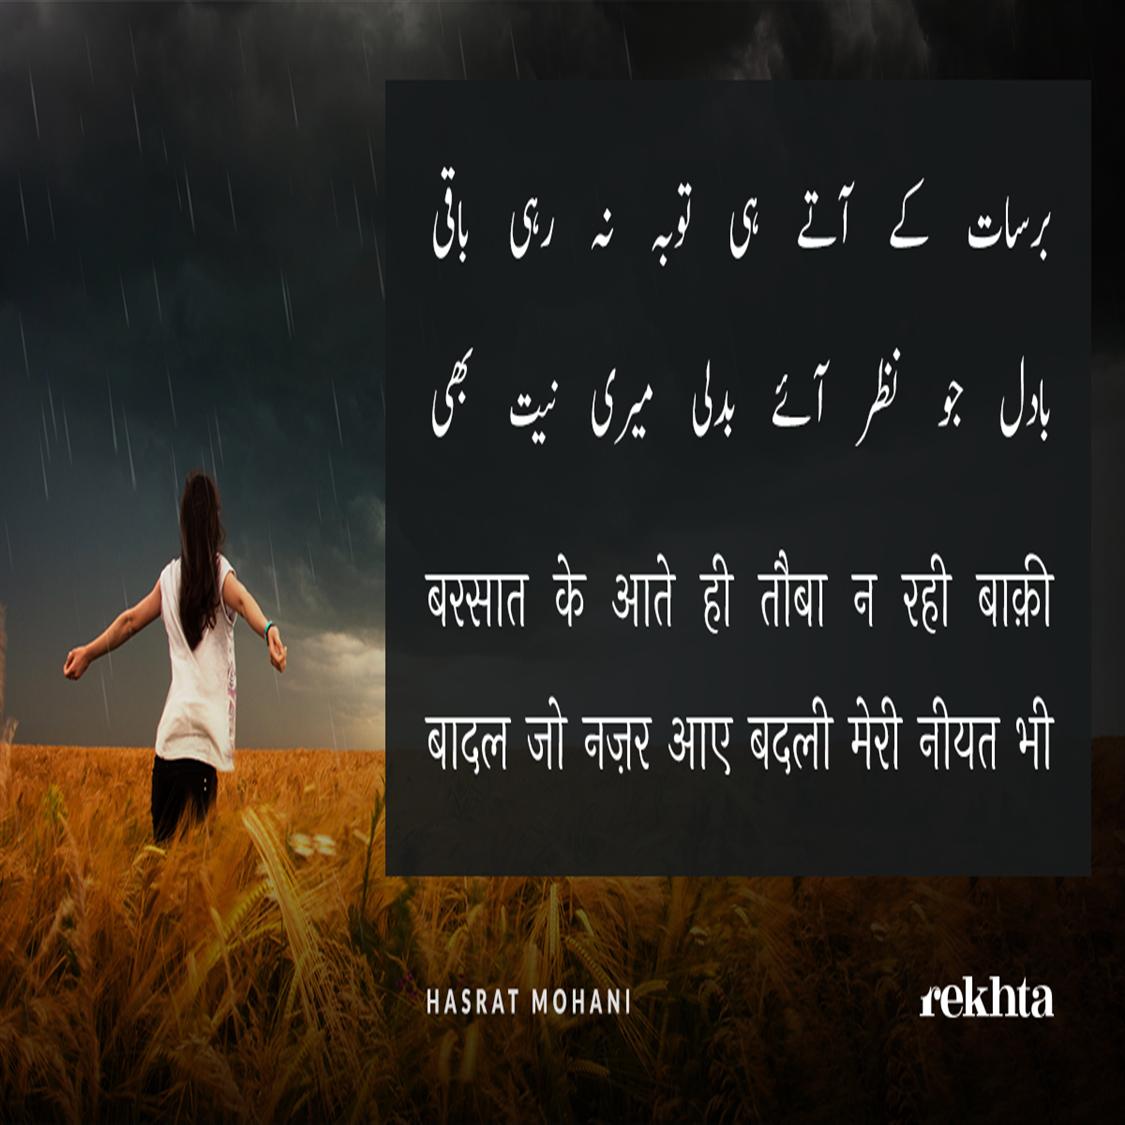 barsaat ke aate hii tauba na rahii baaqii-Hasrat Mohani